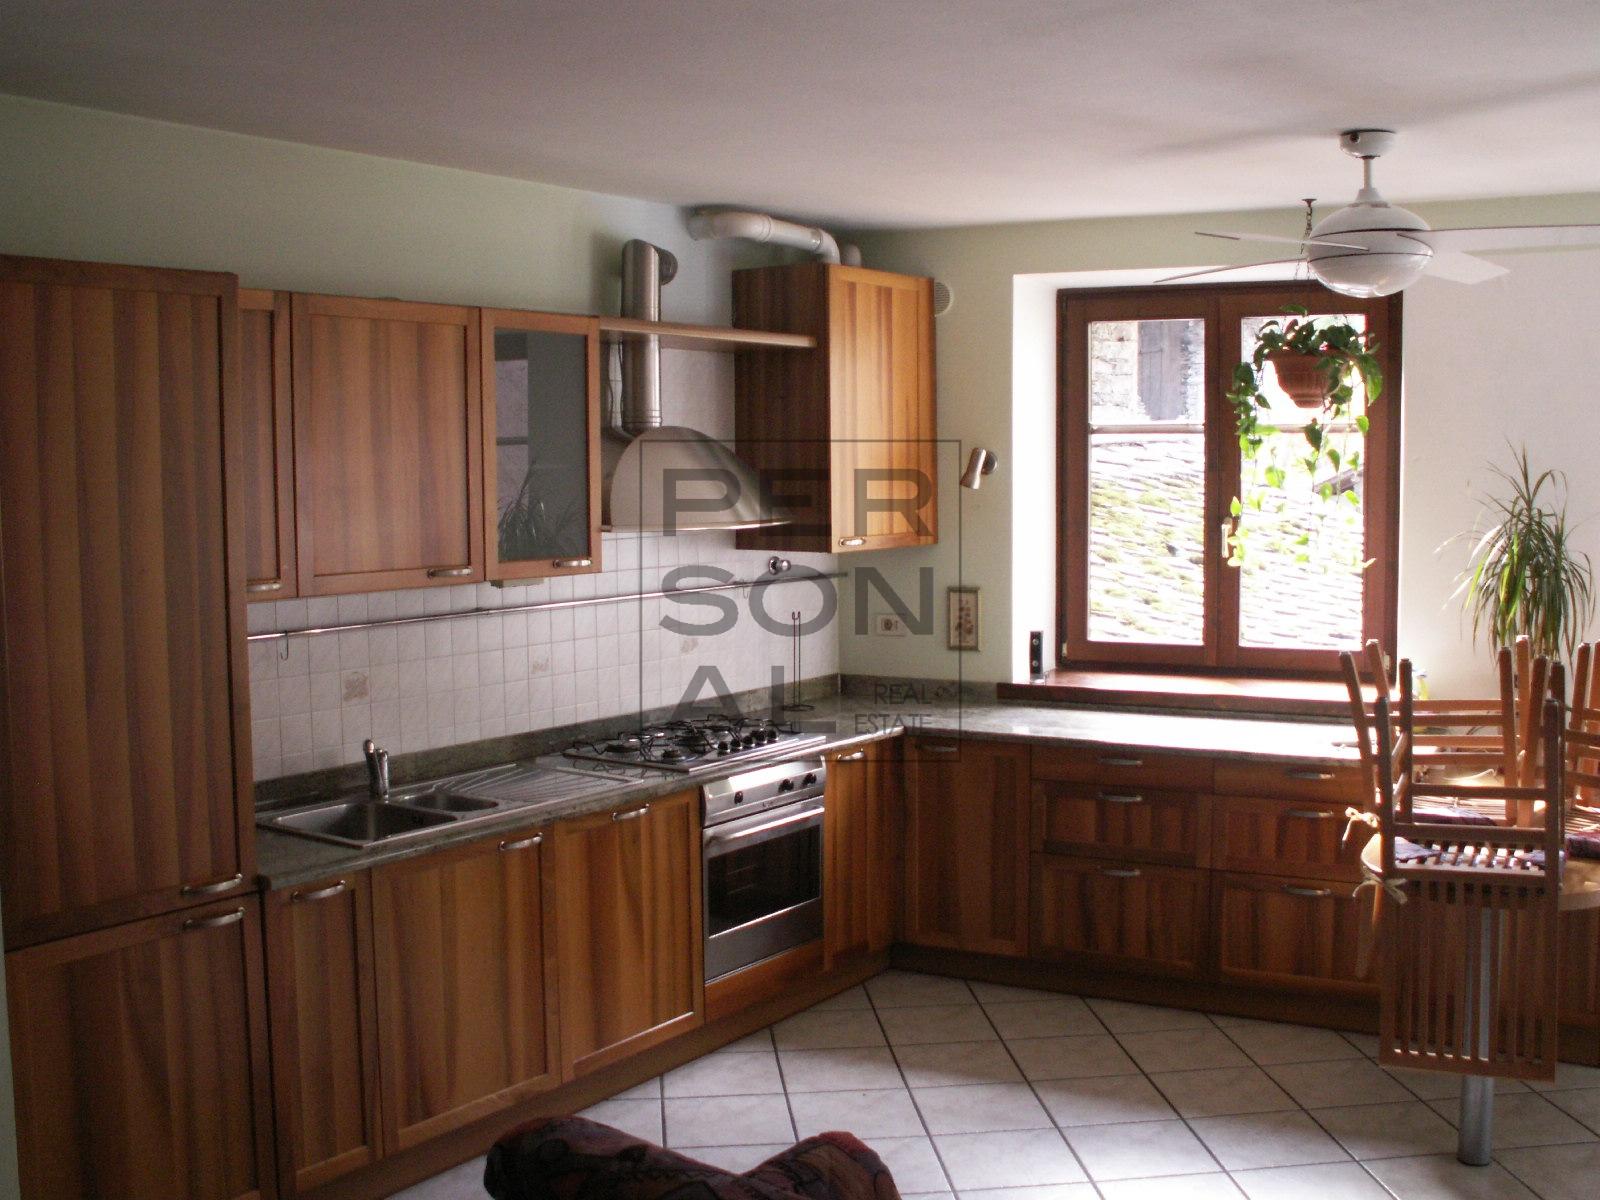 Appartamento in affitto a Calceranica al Lago, 2 locali, zona Zona: Calceranica, prezzo € 480 | CambioCasa.it